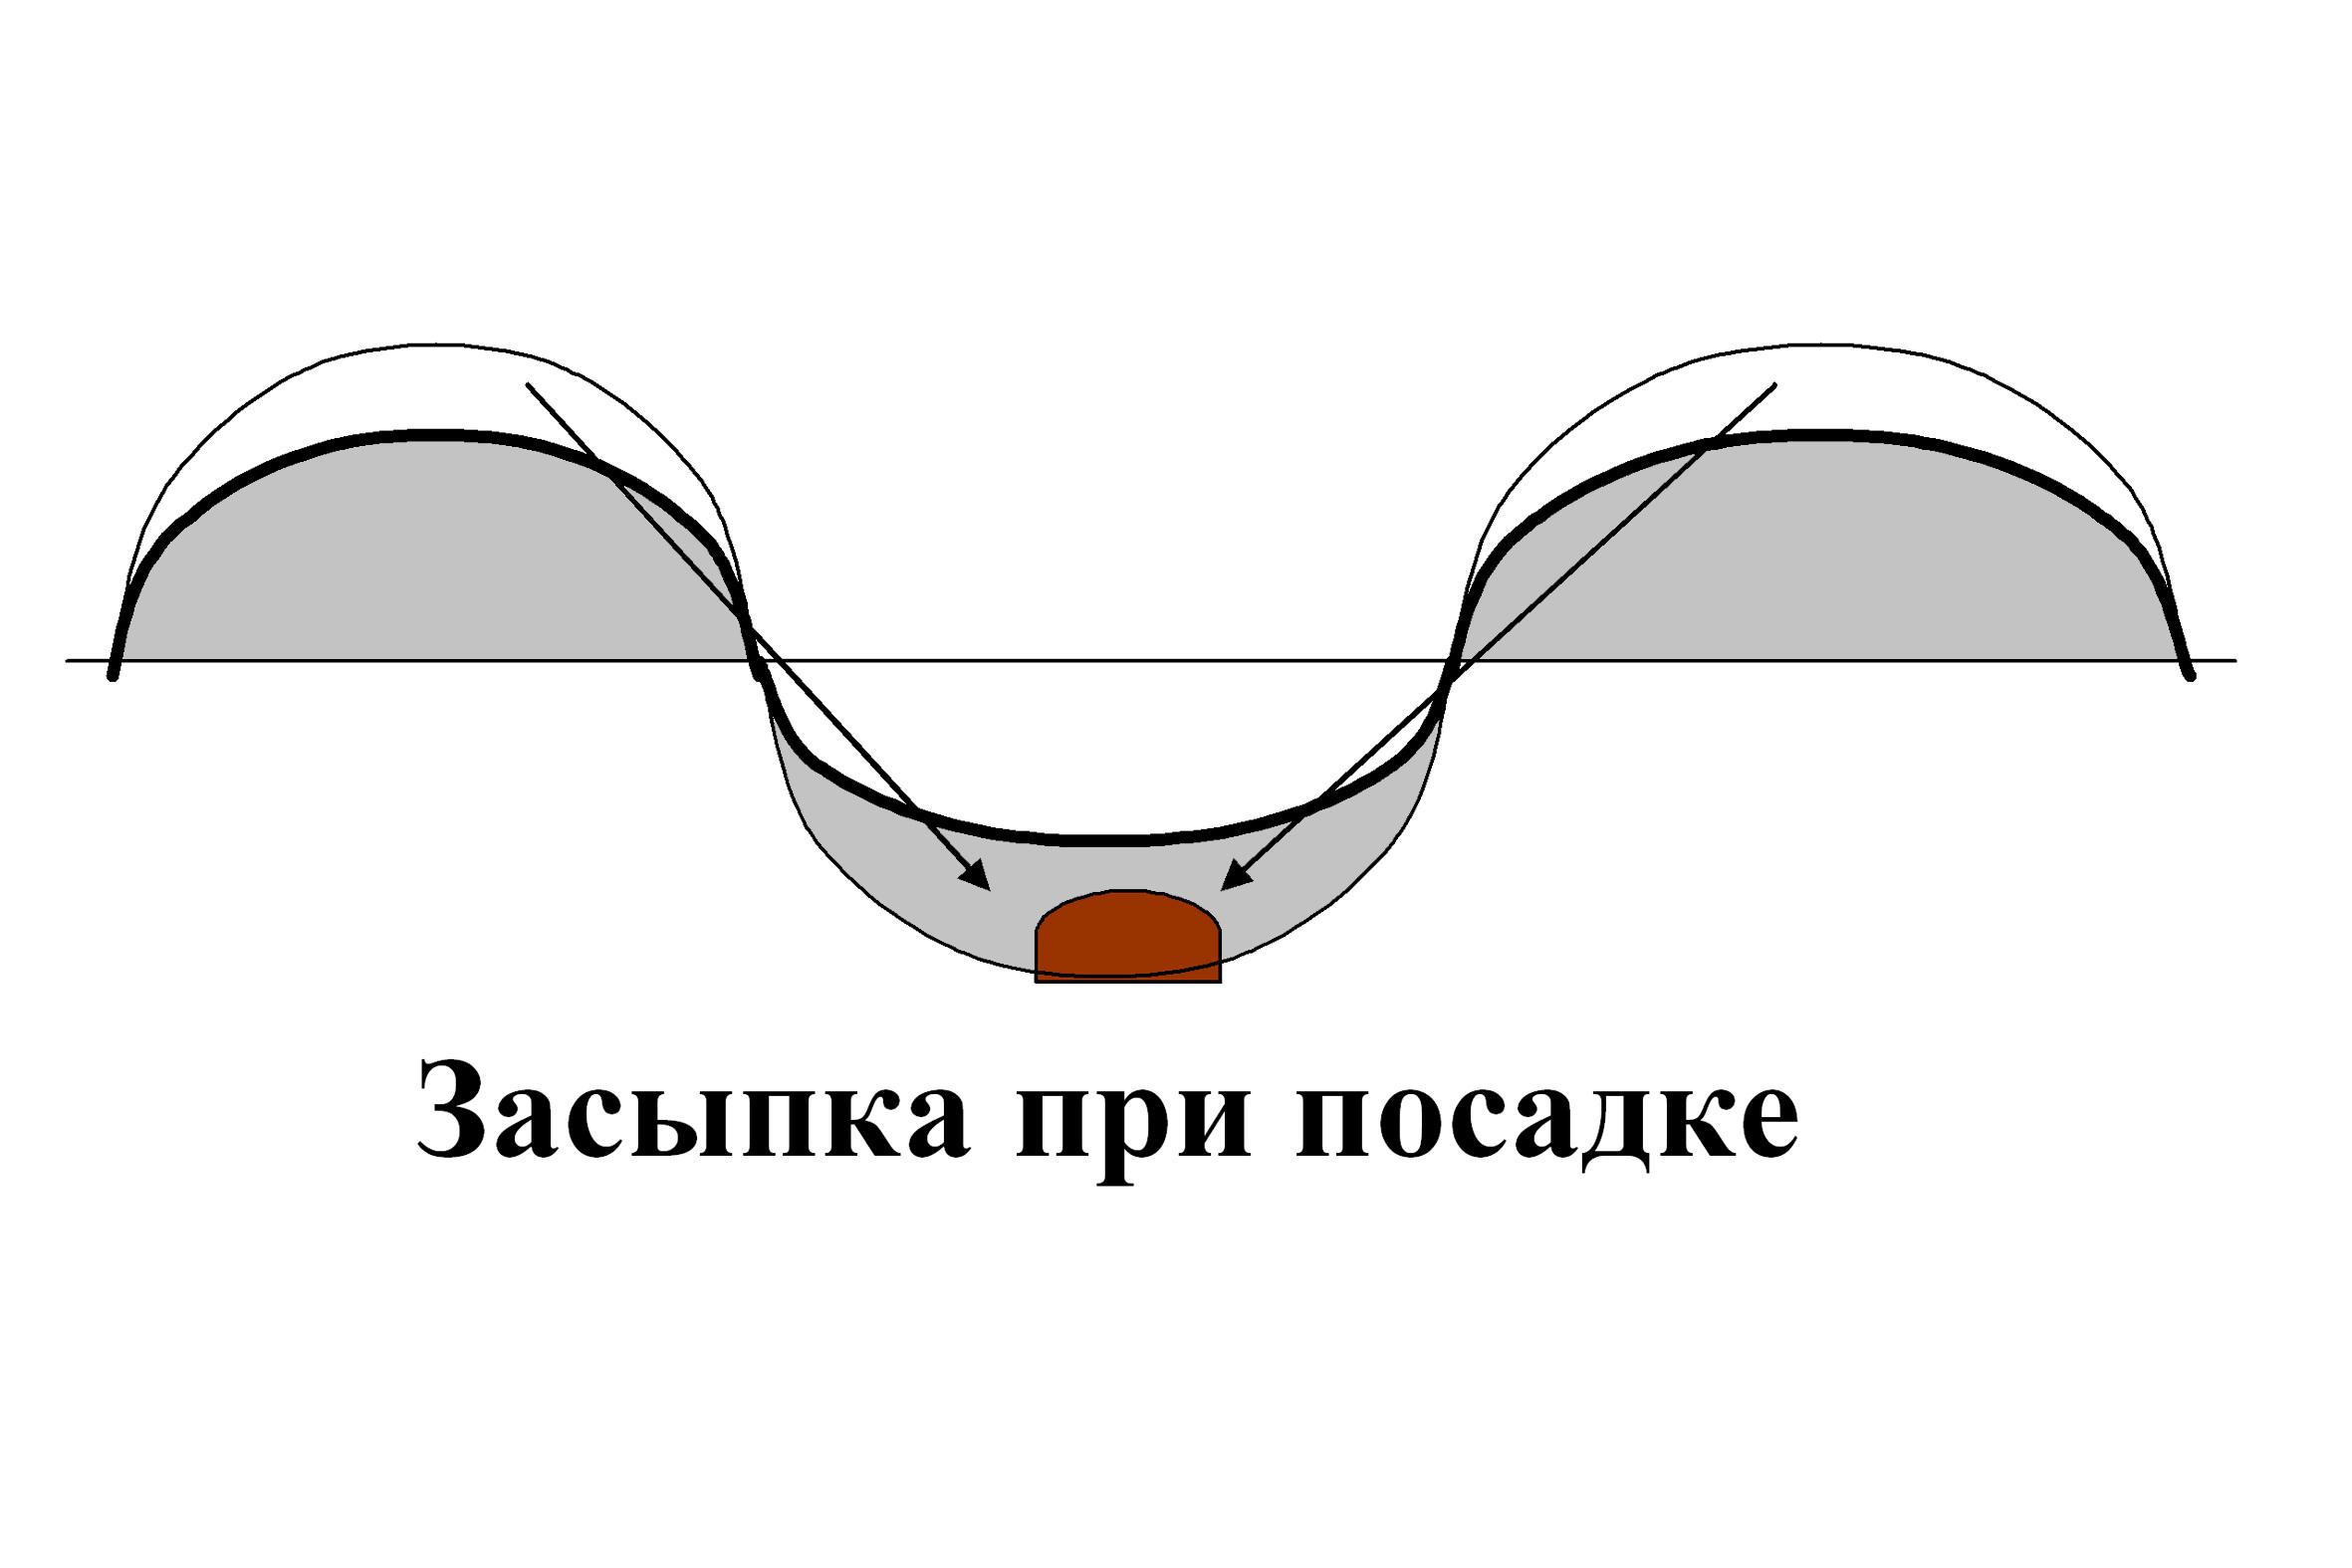 ЗасыпкаПриПосадке_12.jpg